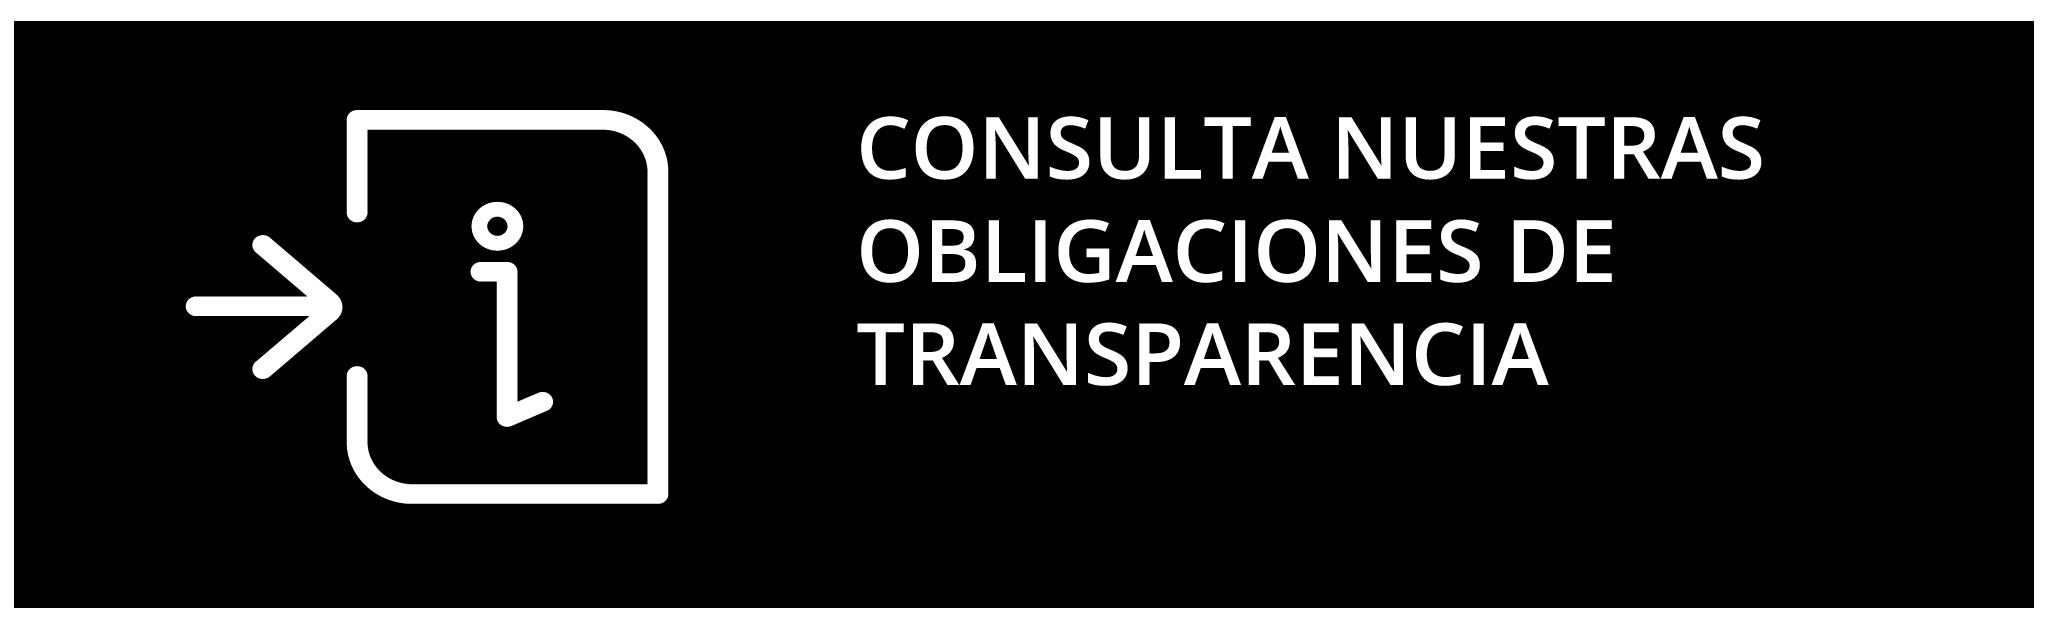 consulta.png